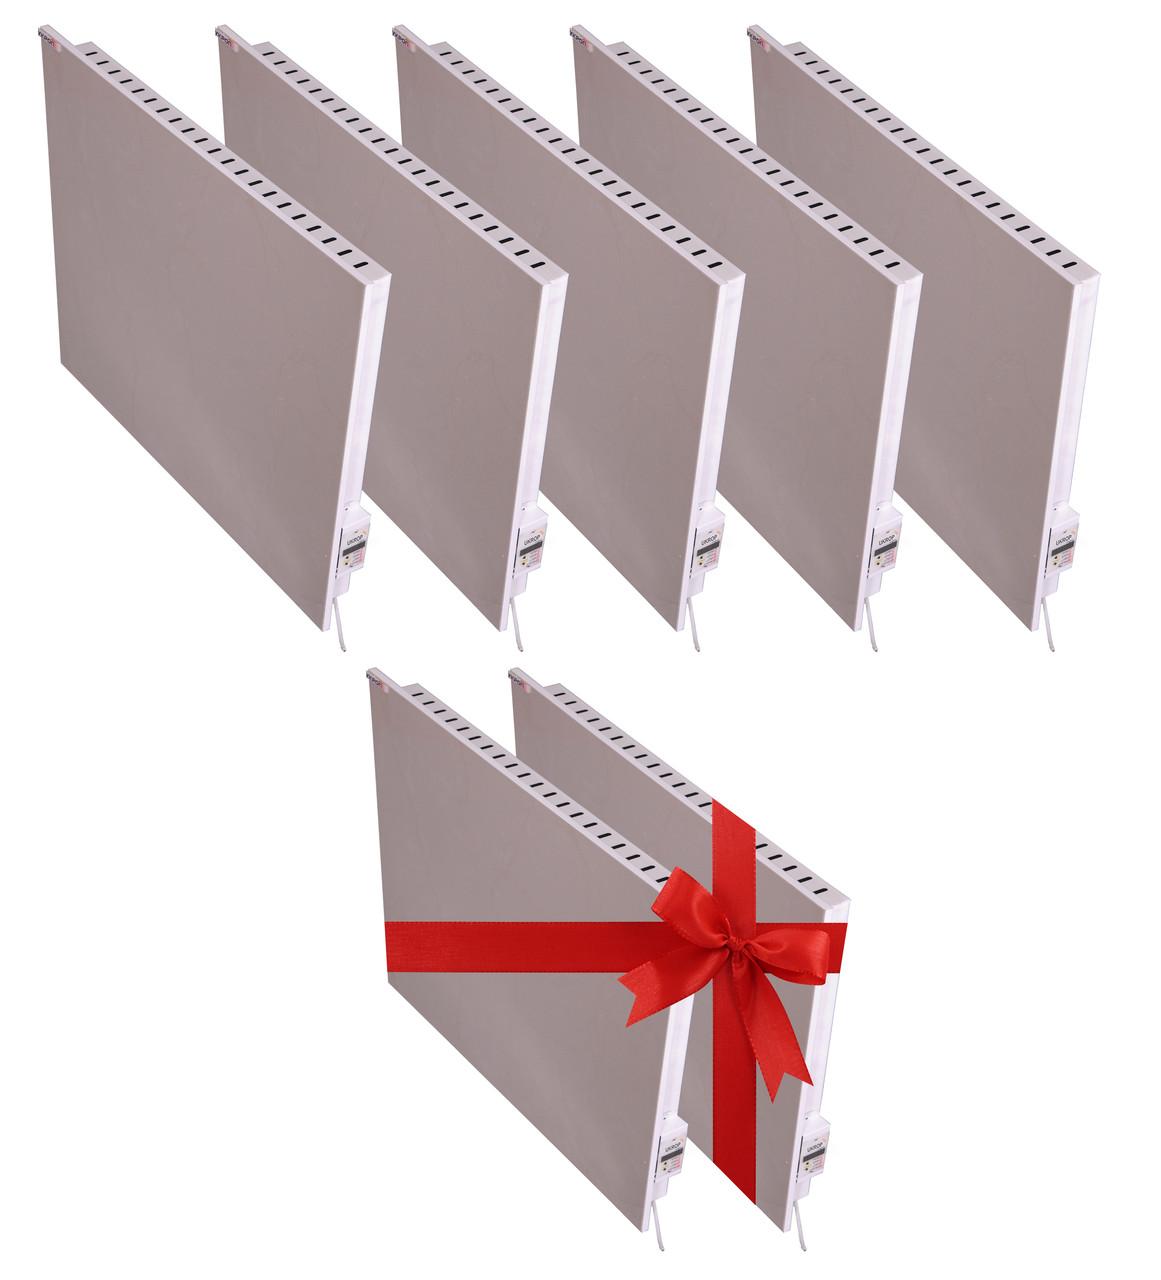 Промо-набор для электроотопления дома до 93 кв.м. керамическими обогревателями UKROP мощностью 4.7 кВт